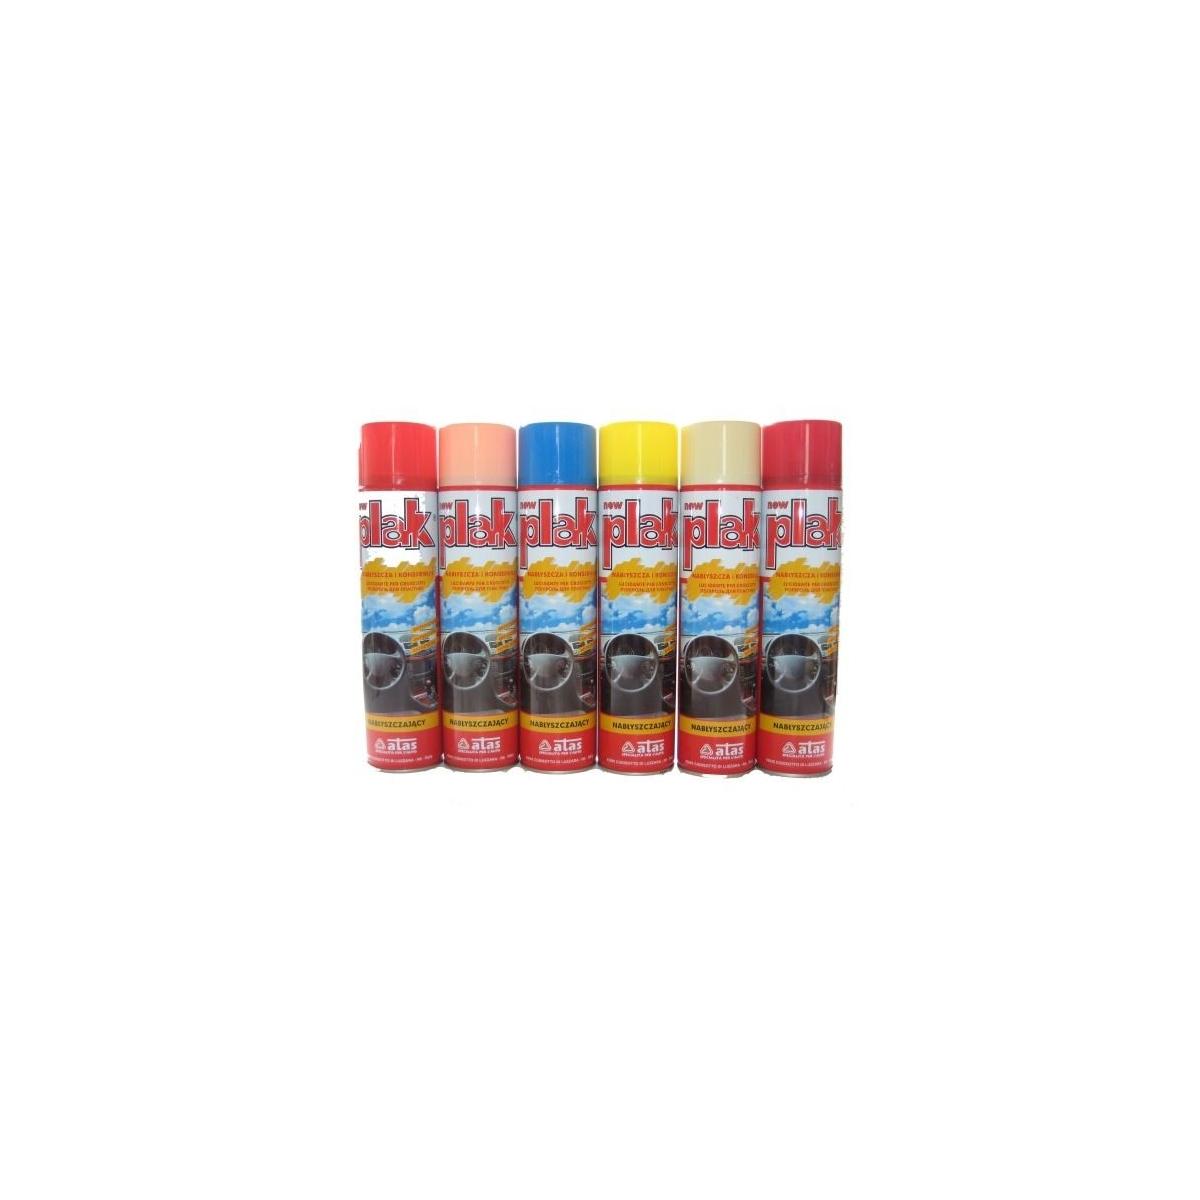 Spray 750 ml do pielęgnacji kokpitu - ATAS Spray 750 ml do pielęgnacji kokpitu - ATAS